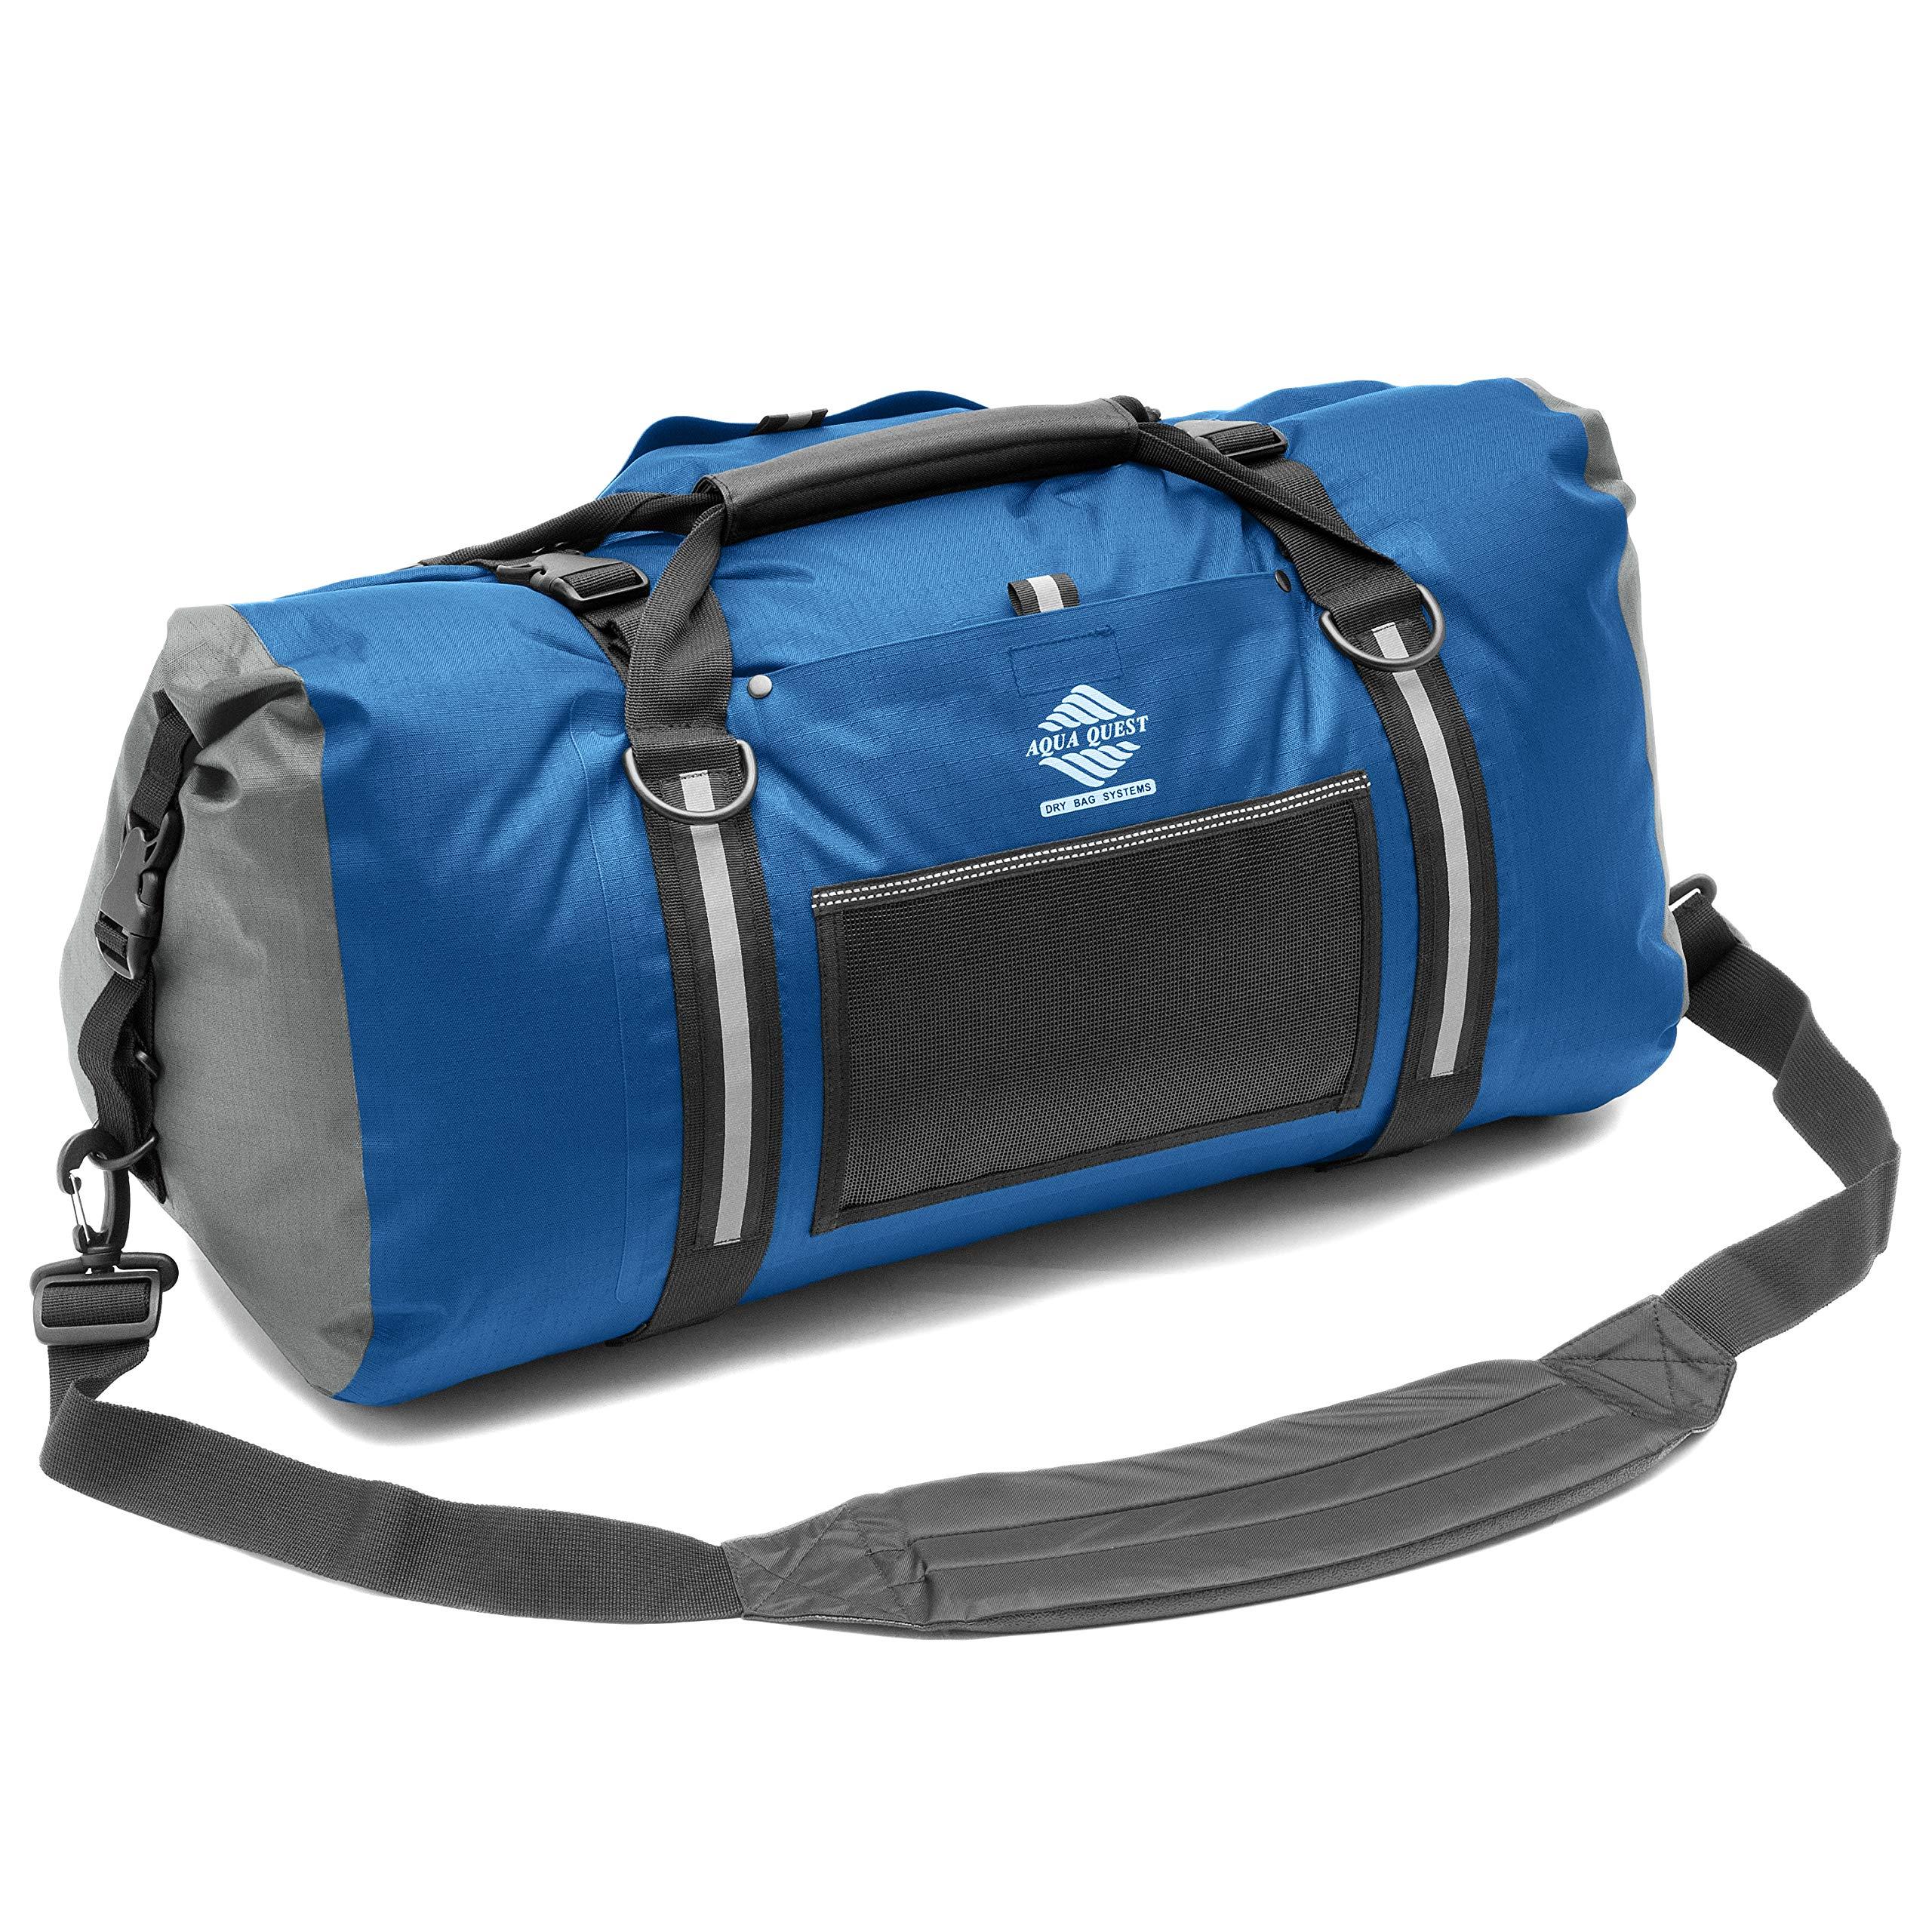 Aqua Quest White Water Duffel - 100% Waterproof 75 L Bag - Lightweight, Durable, External Pockets - Blue